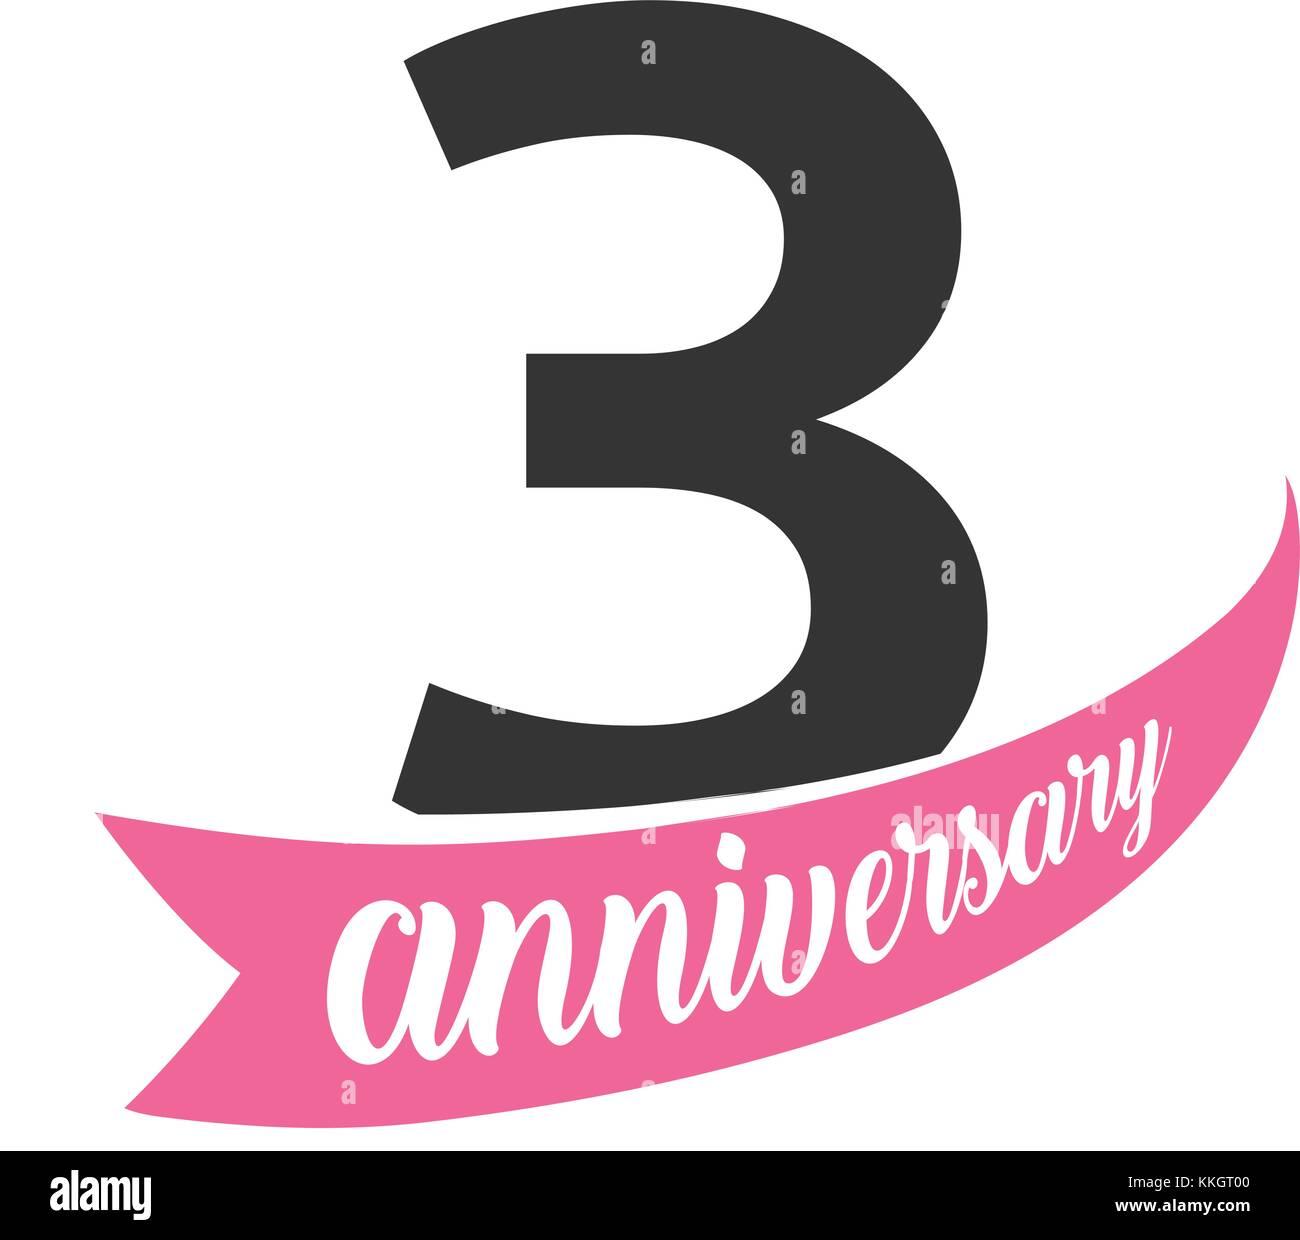 Terzo Anniversario Di Matrimonio.Terzo Anniversario Logo Vettoriale Numero 3 Illustrazione Per